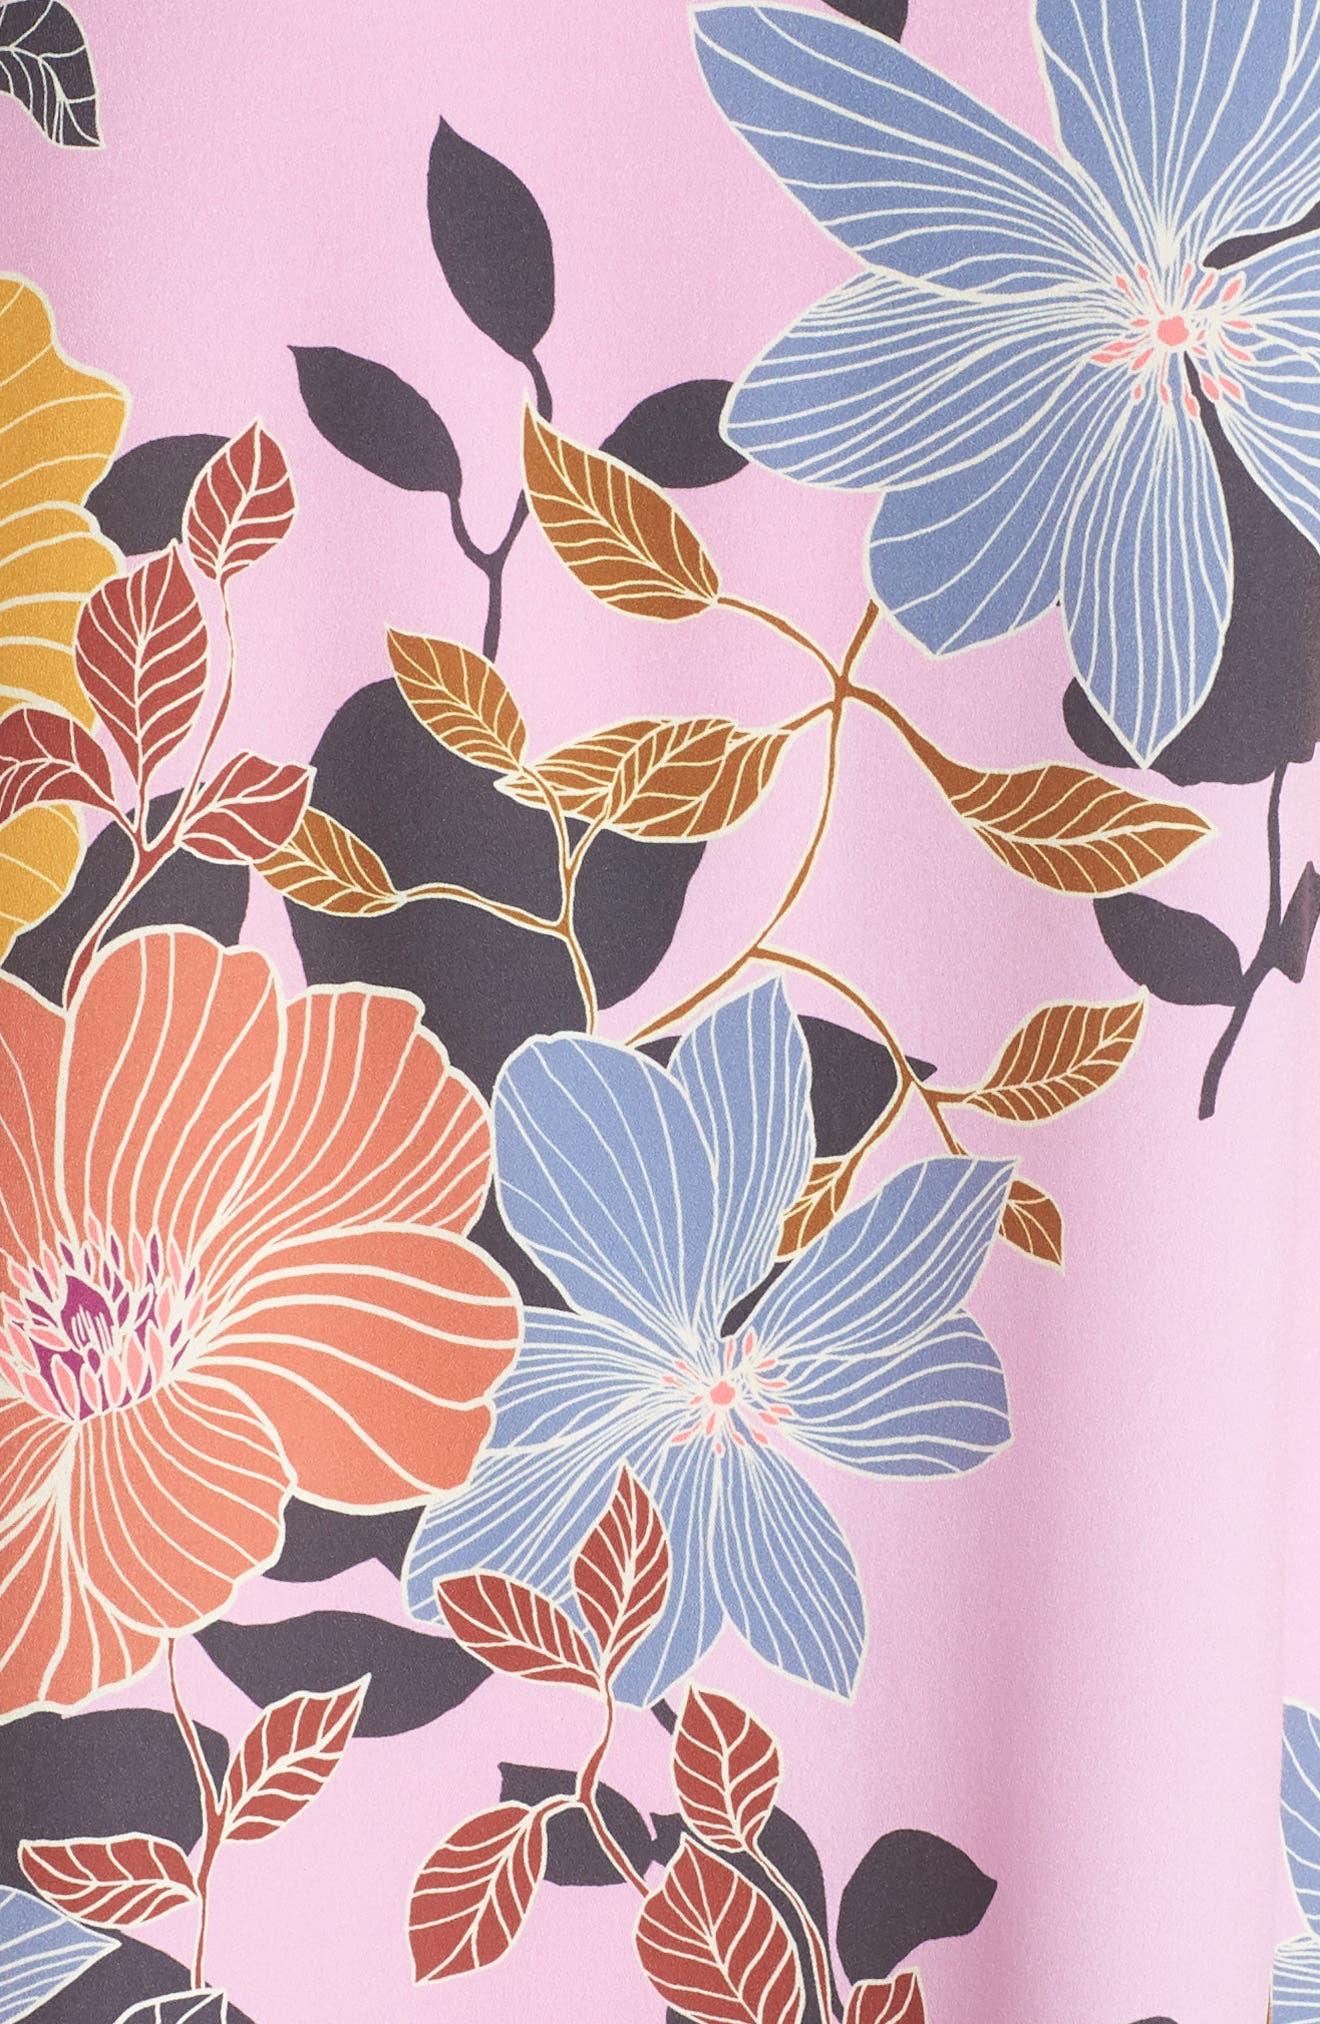 Shikoku Floral Crepe Shift Dress,                             Alternate thumbnail 6, color,                             530